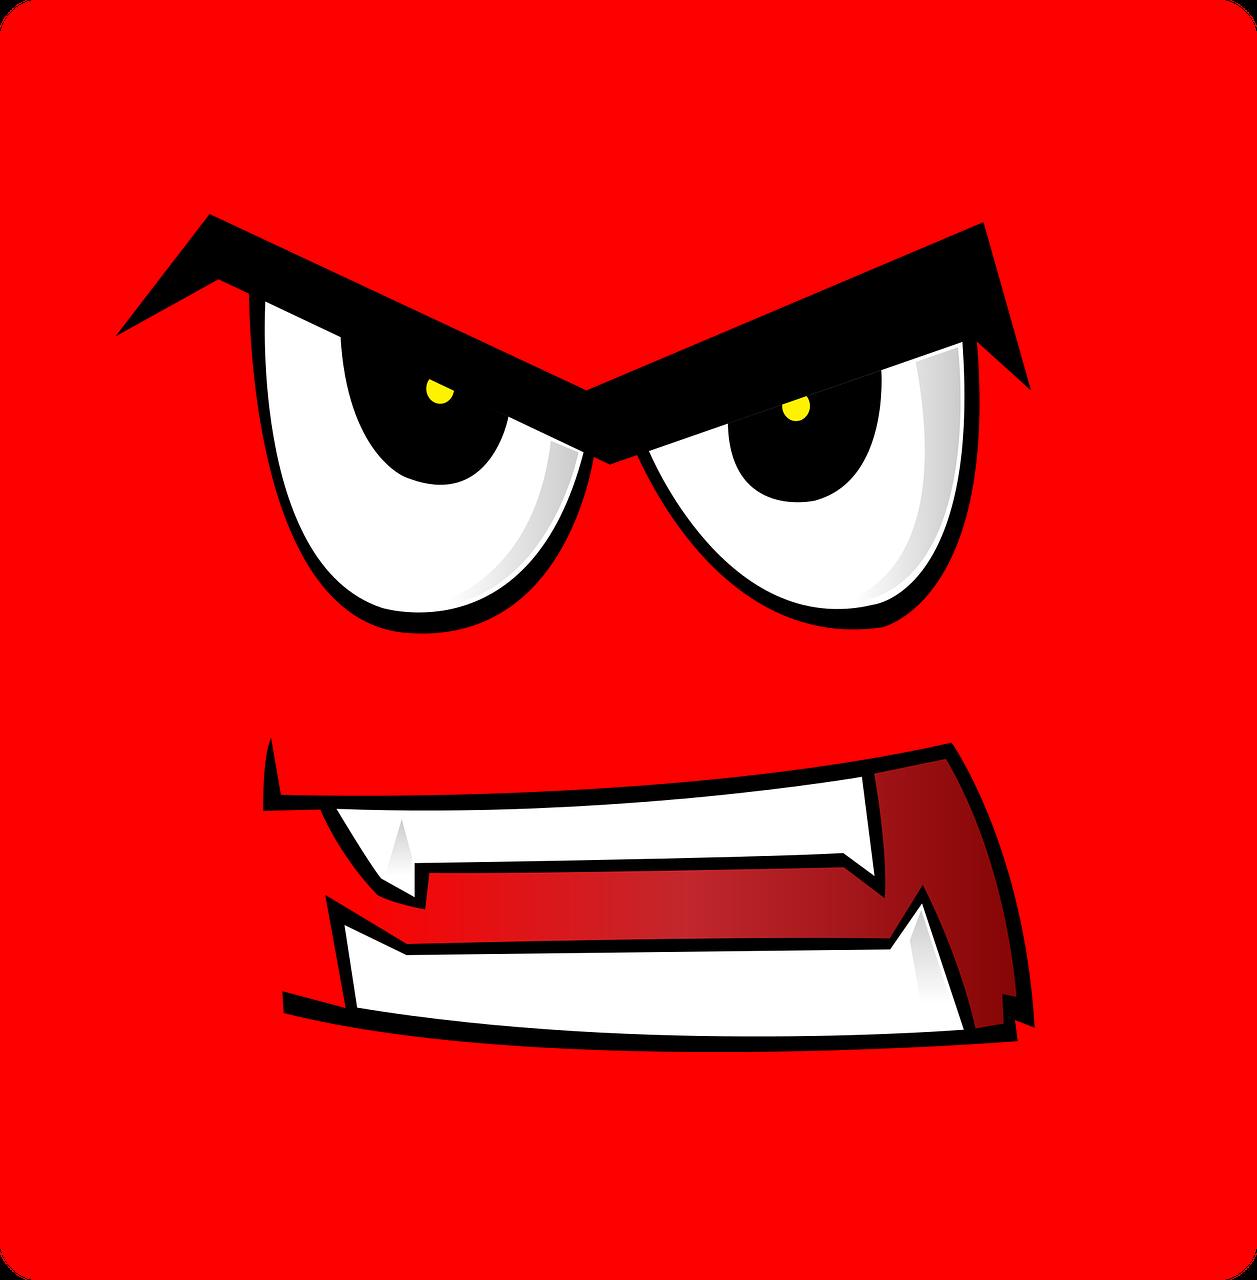 El enojo – opción y control